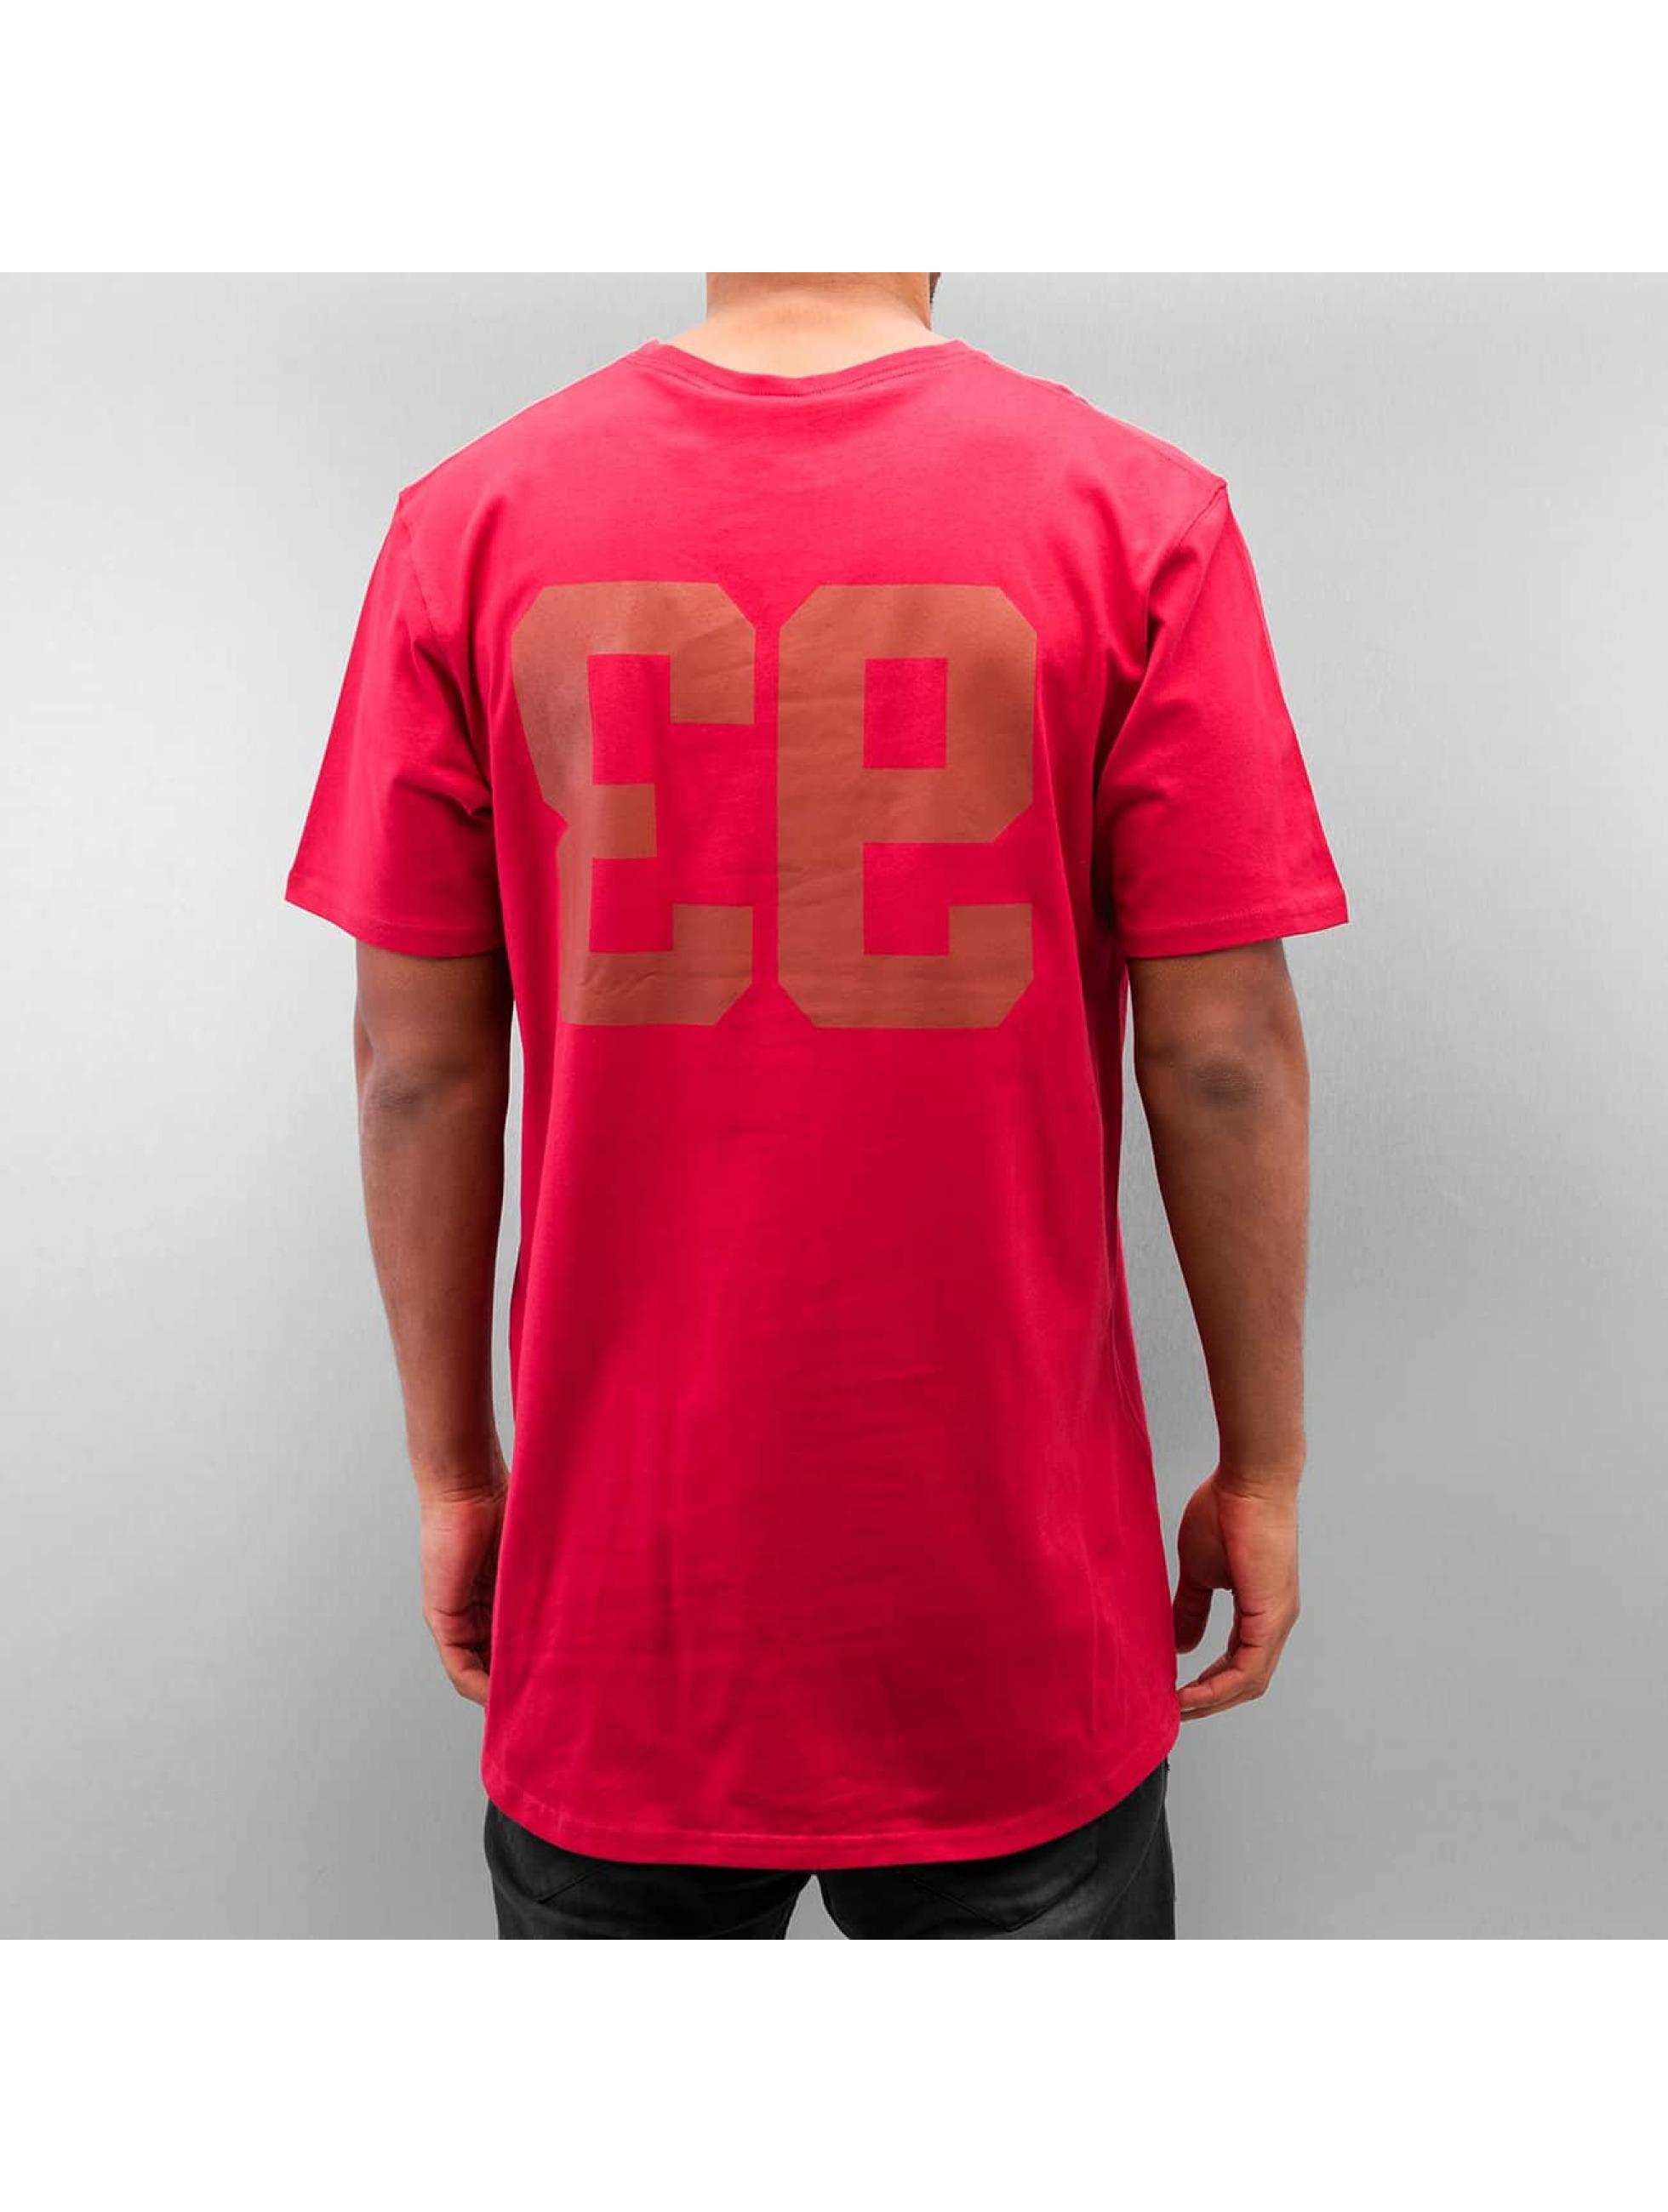 K1X Tall Tees O.D. rood